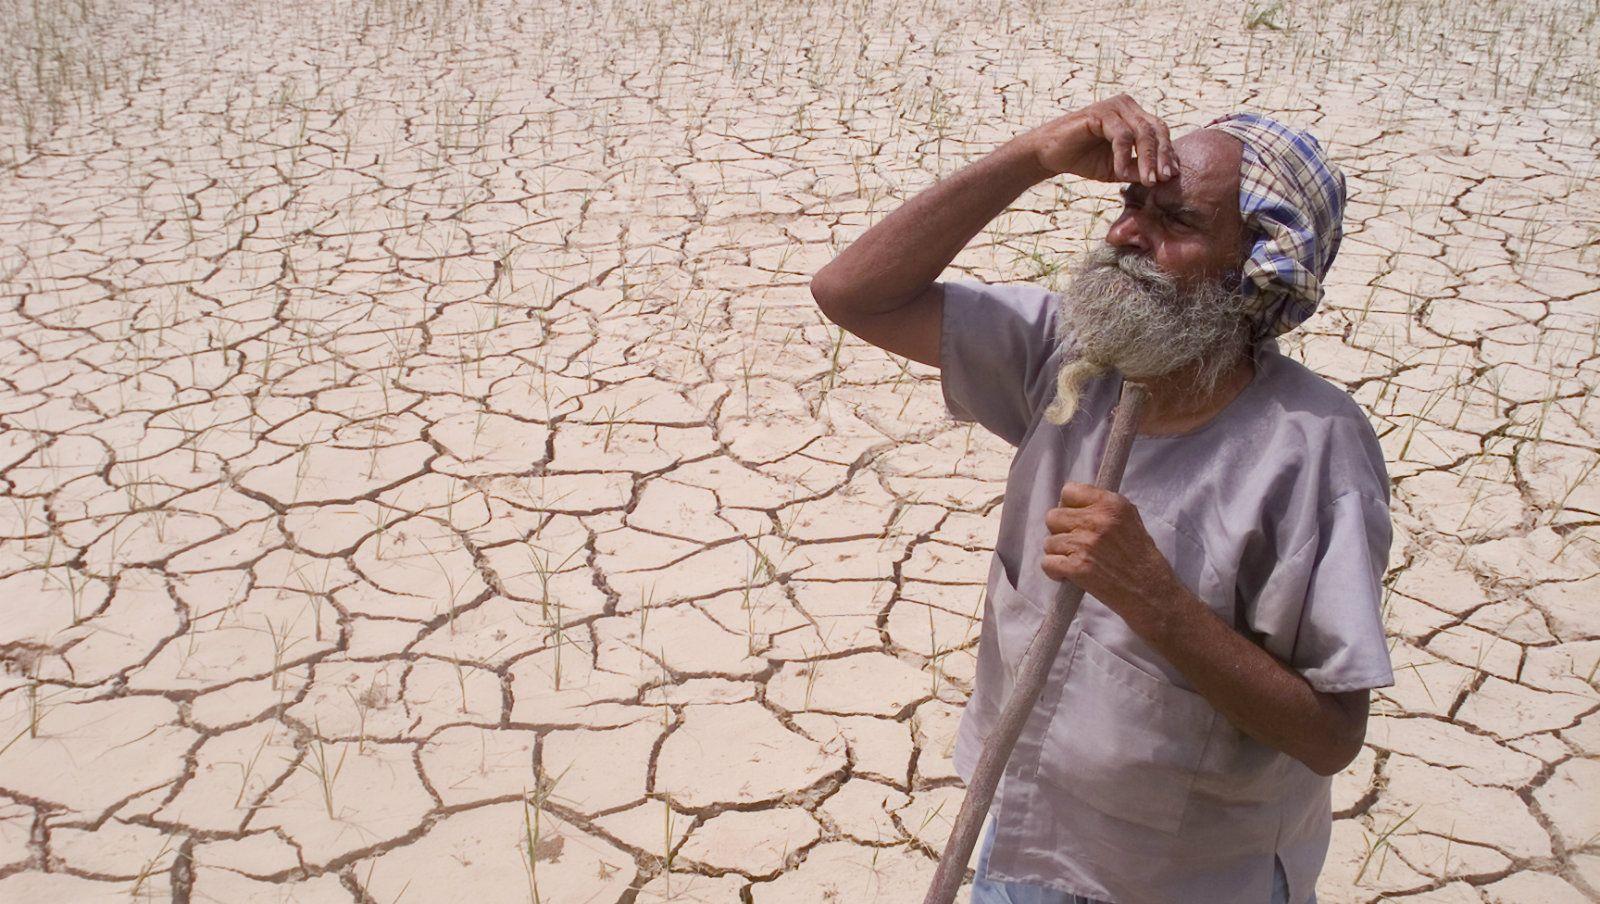 తెలుగు రాష్ట్రాల్లో కానరాని చినుకుజాడ